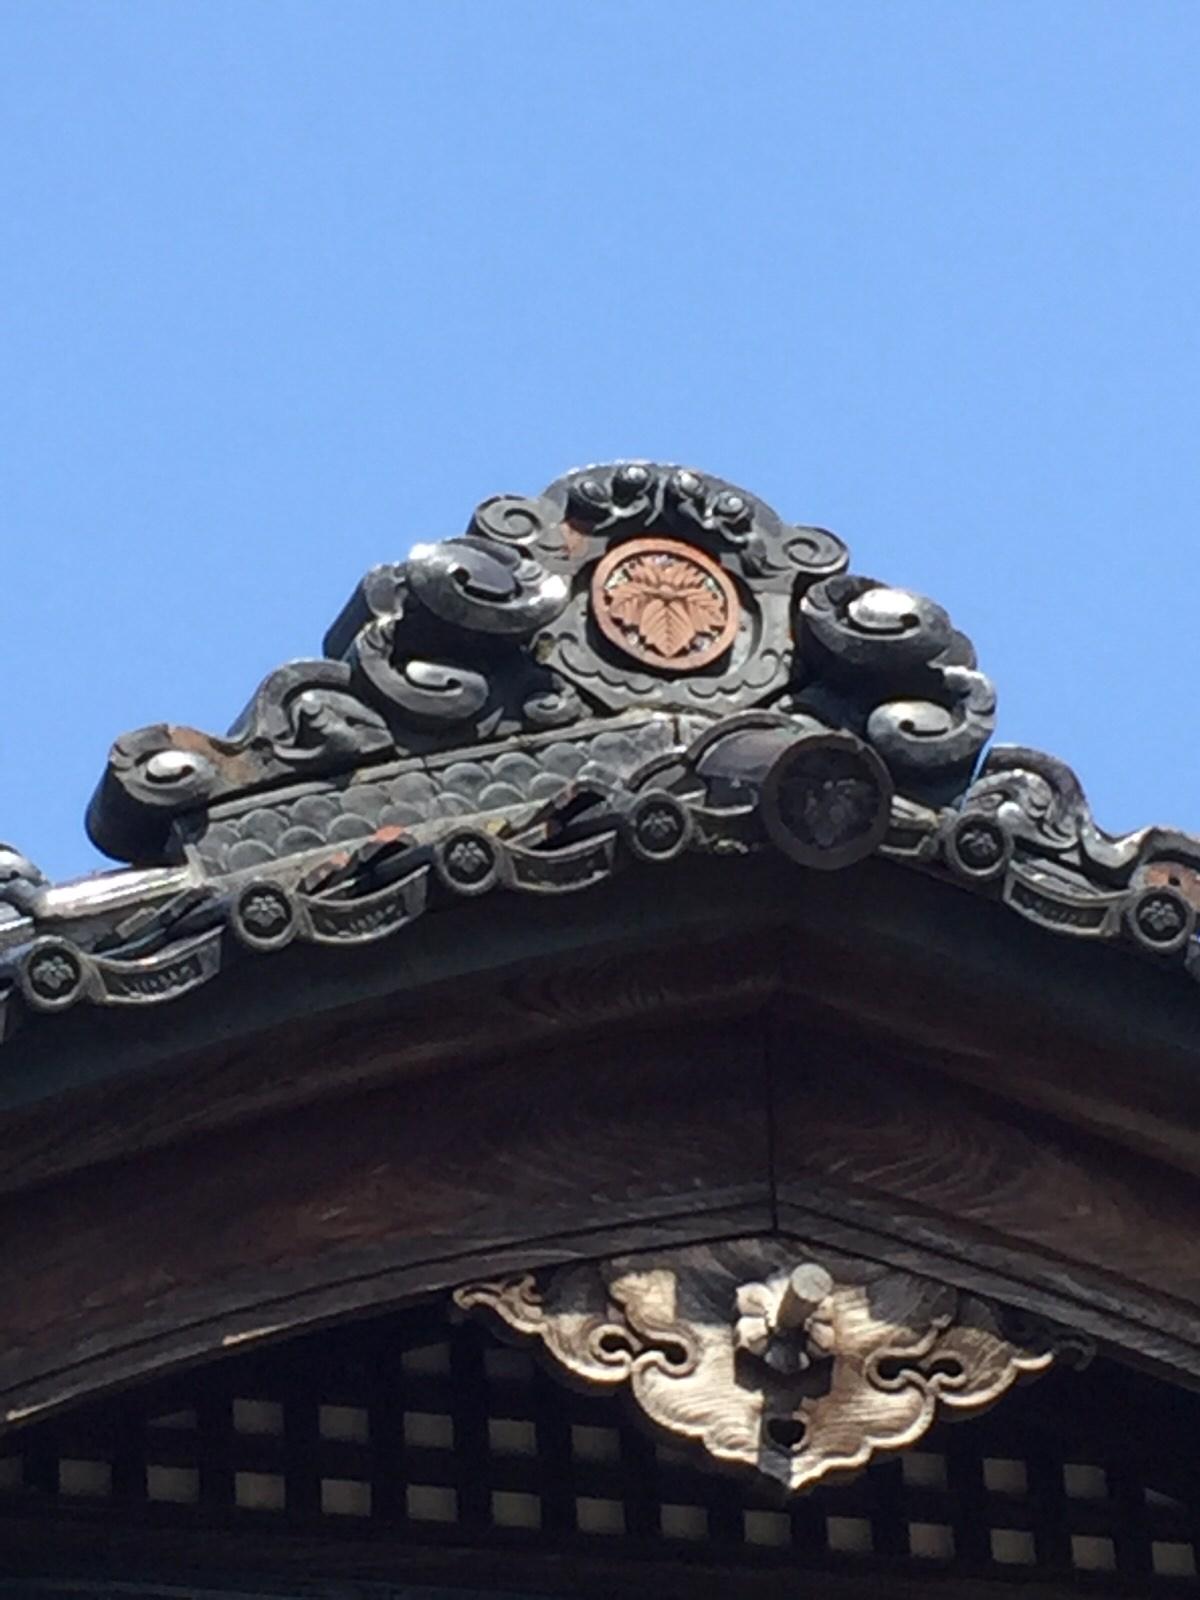 朝日酒造 酒蔵見学 新潟 天保の世から今まで守られているもの。変わり続けるもの。